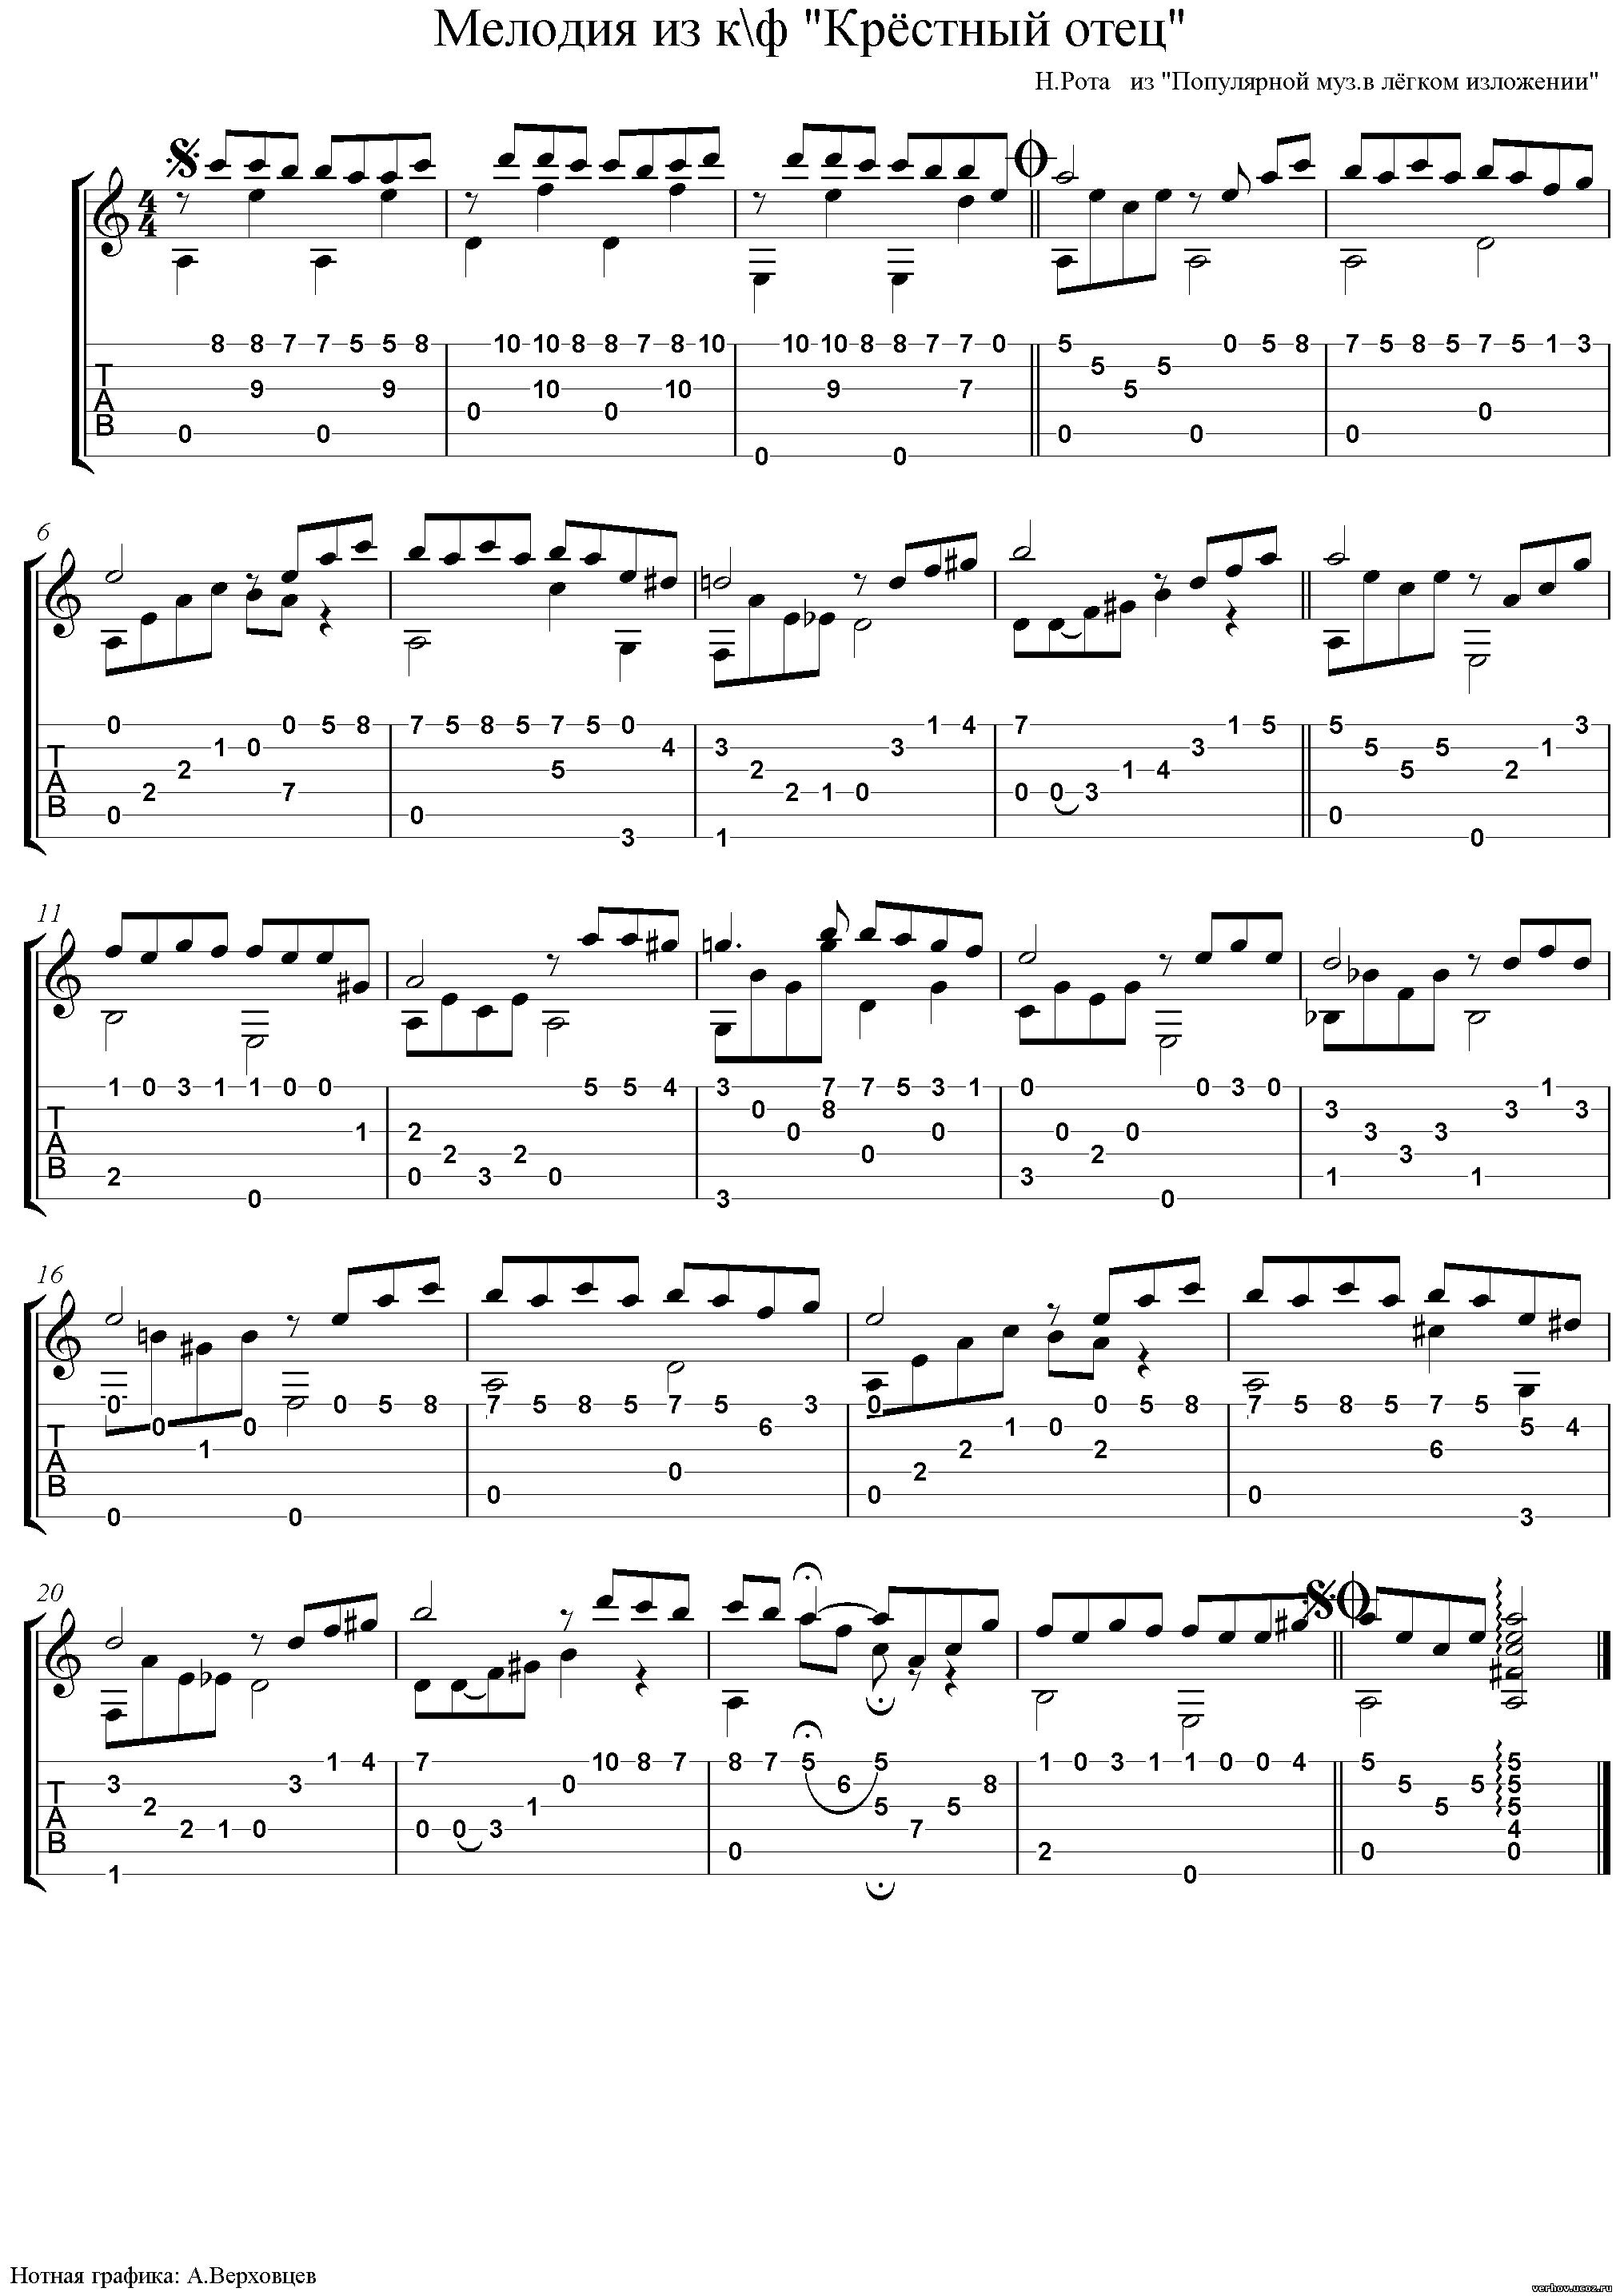 мелодии из кинофильмов под гитару ноты